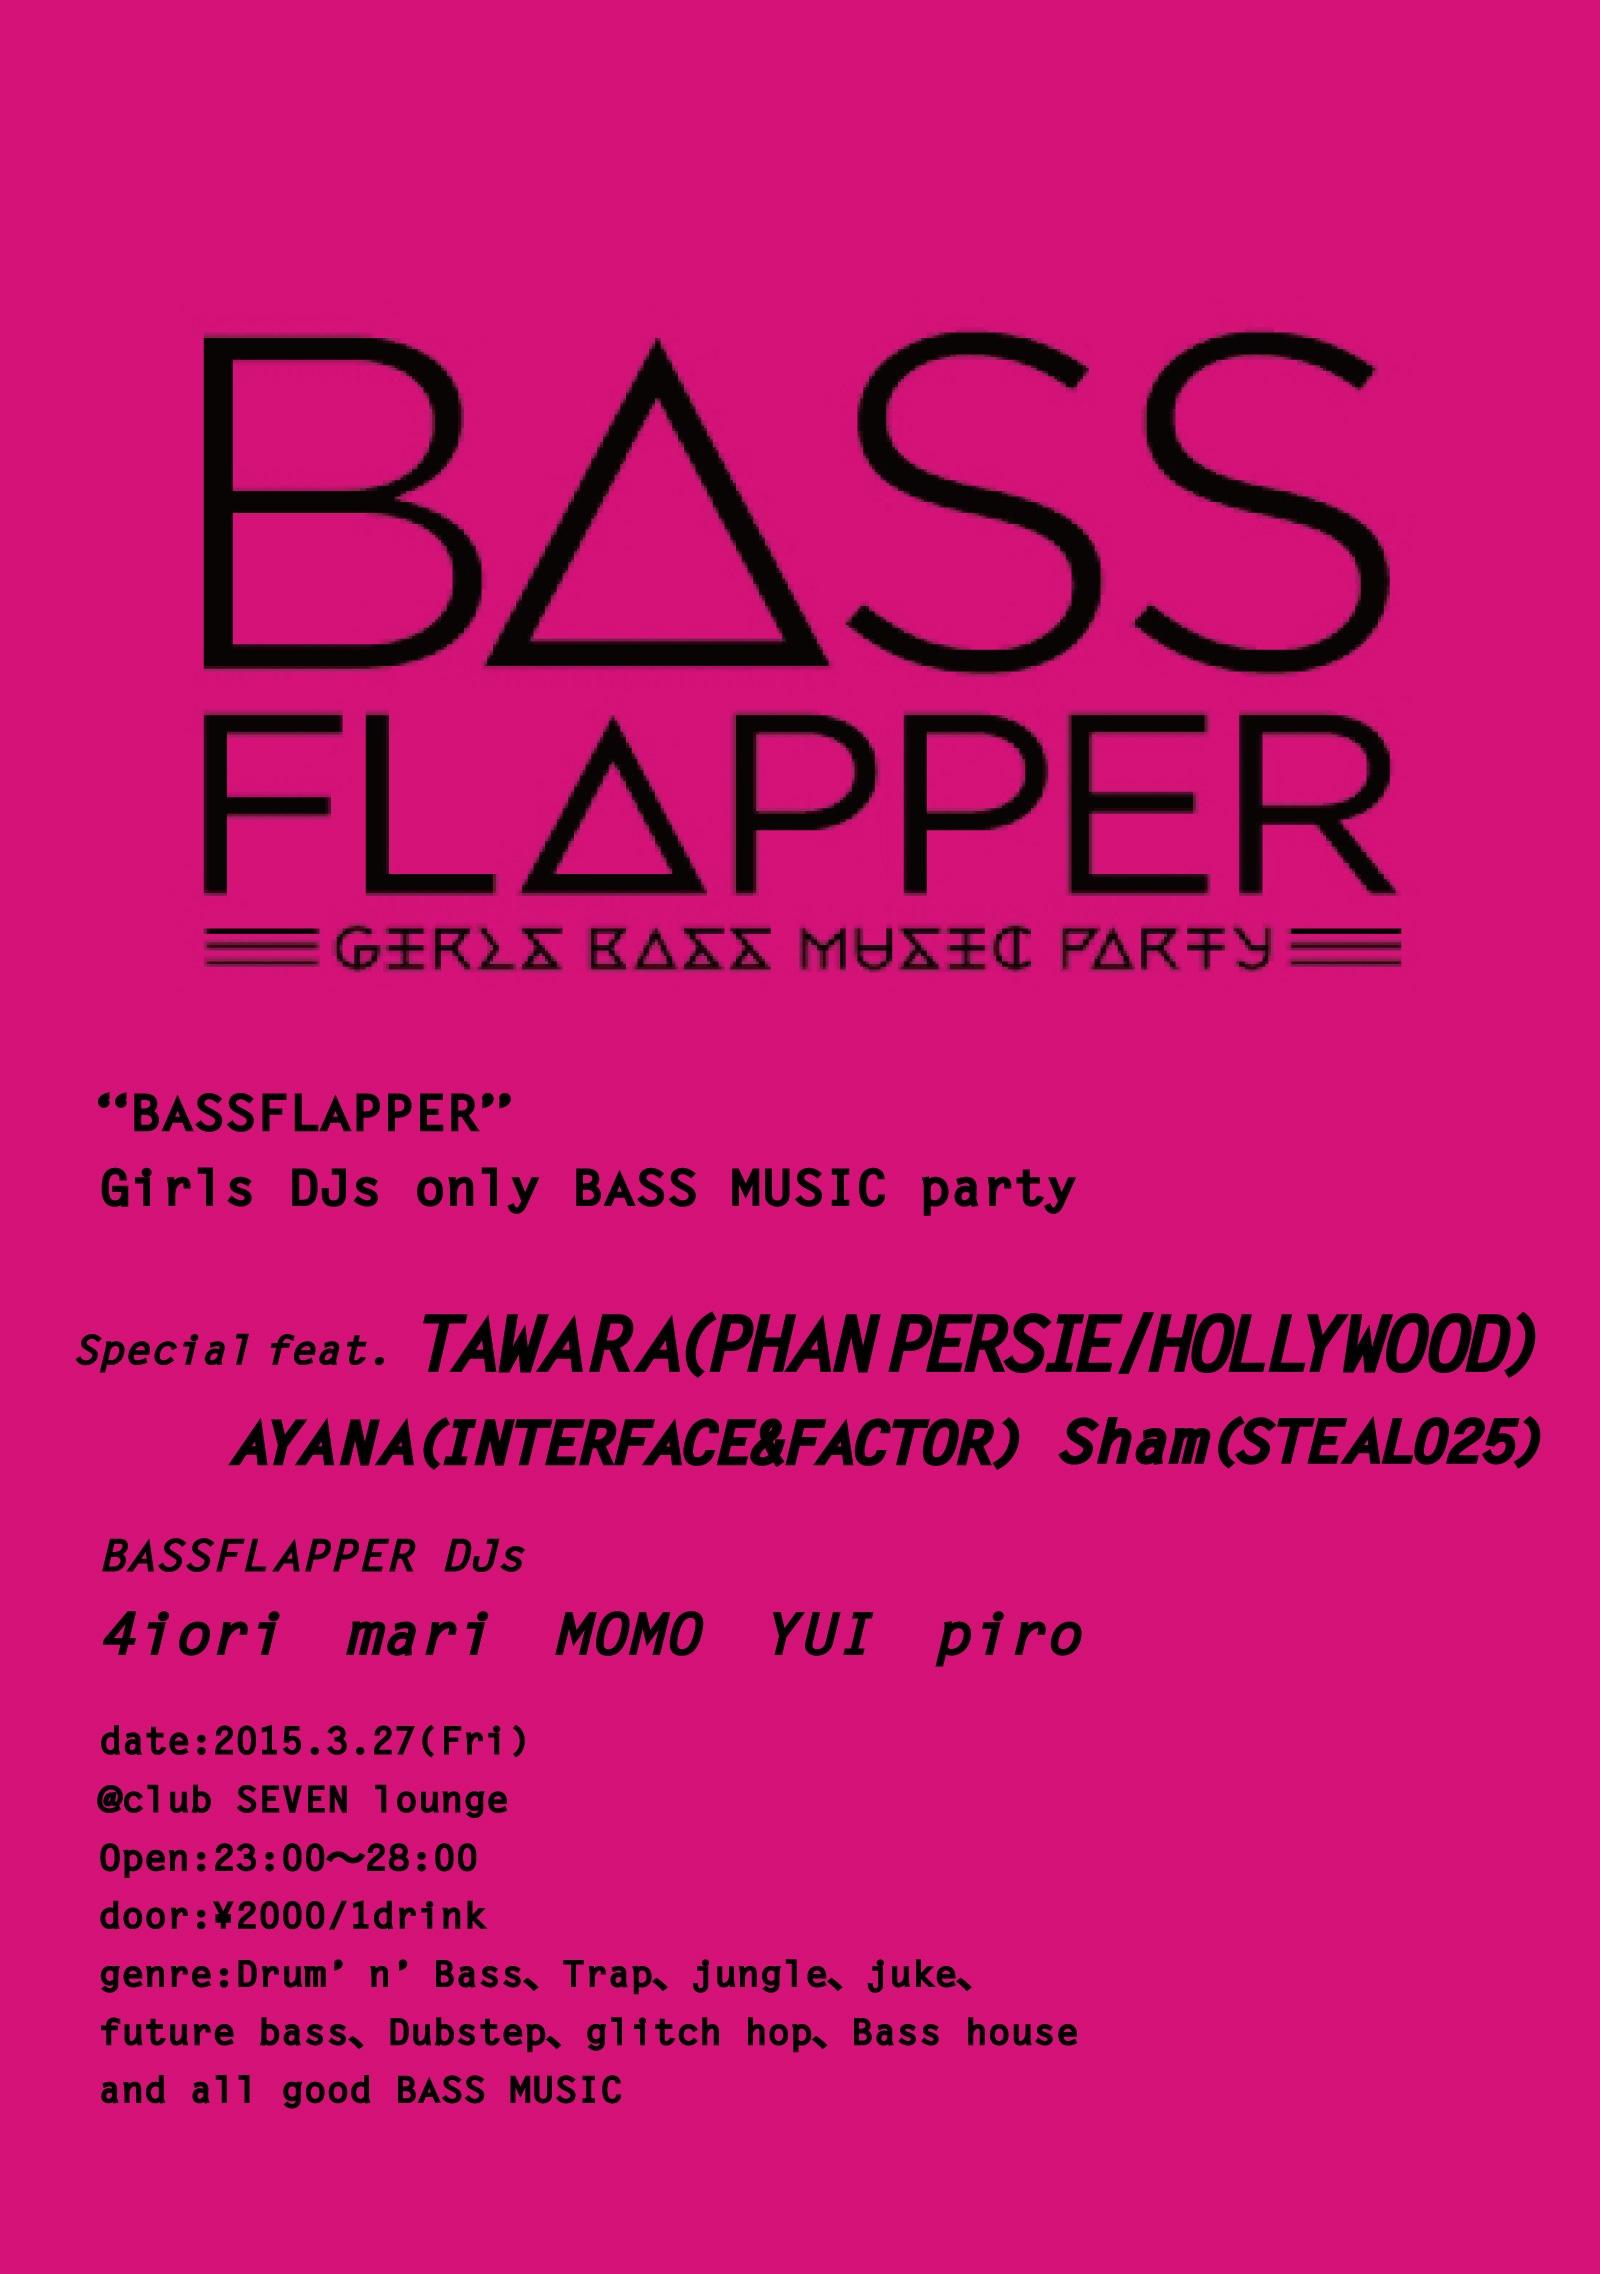 2015.3.27 FRI – TAWARA : DJ@SEVEN LOUNGE / BASSFLAPPER